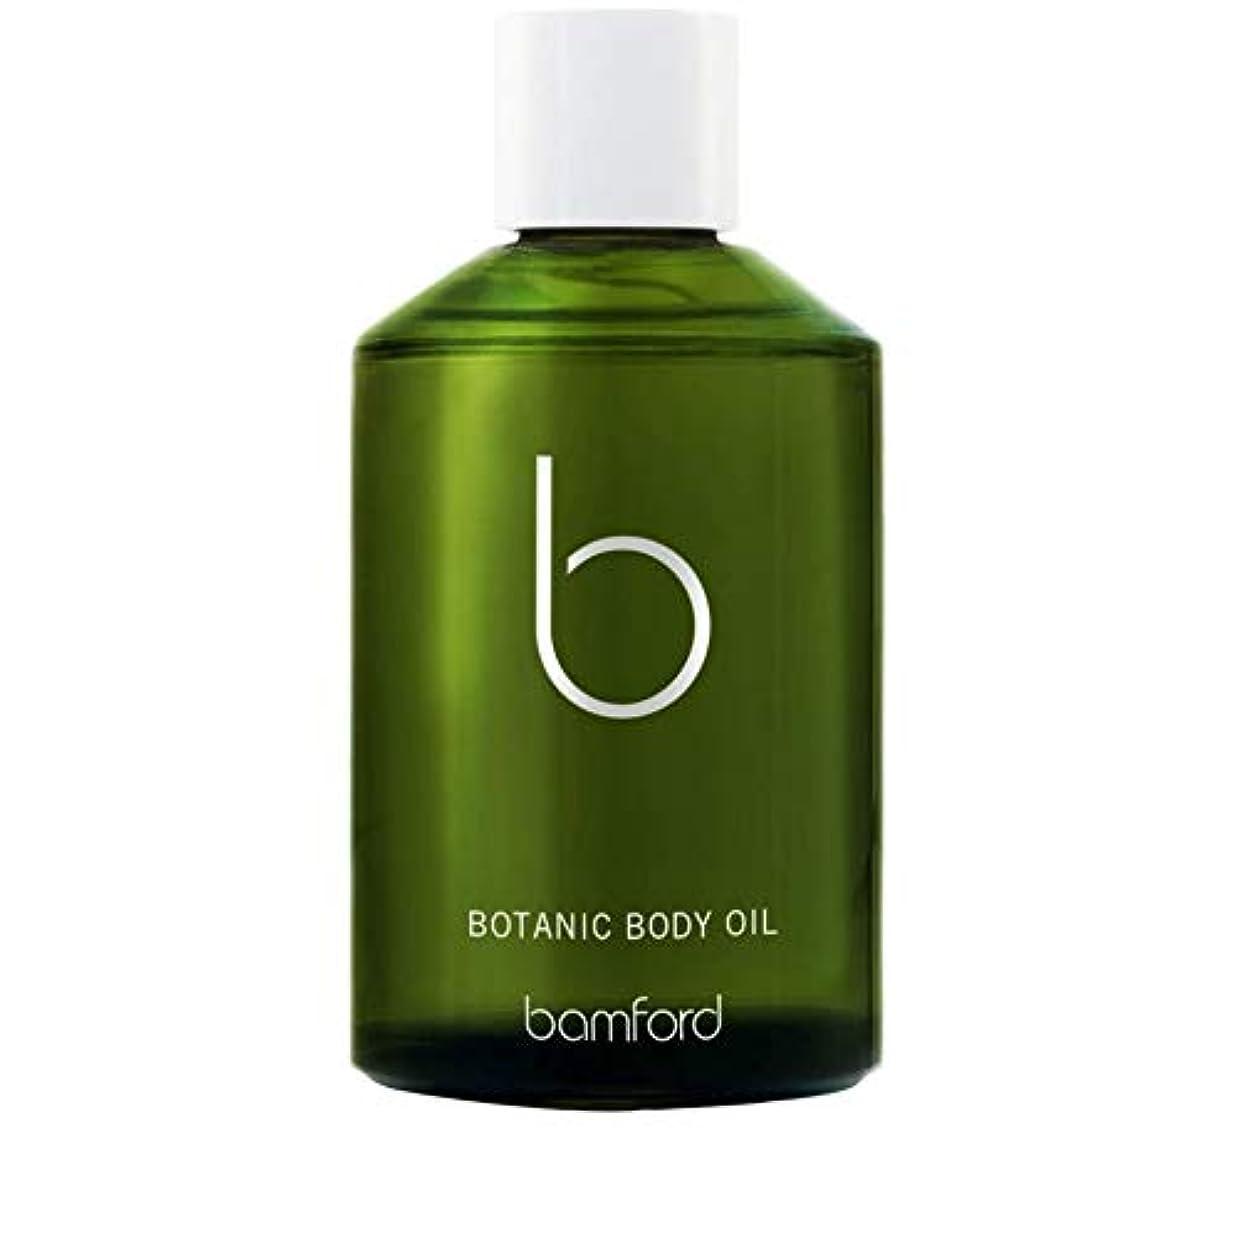 居眠りするペックおとなしい[Bamford ] バンフォード植物のボディオイル125ミリリットル - Bamford Botanic Body Oil 125ml [並行輸入品]